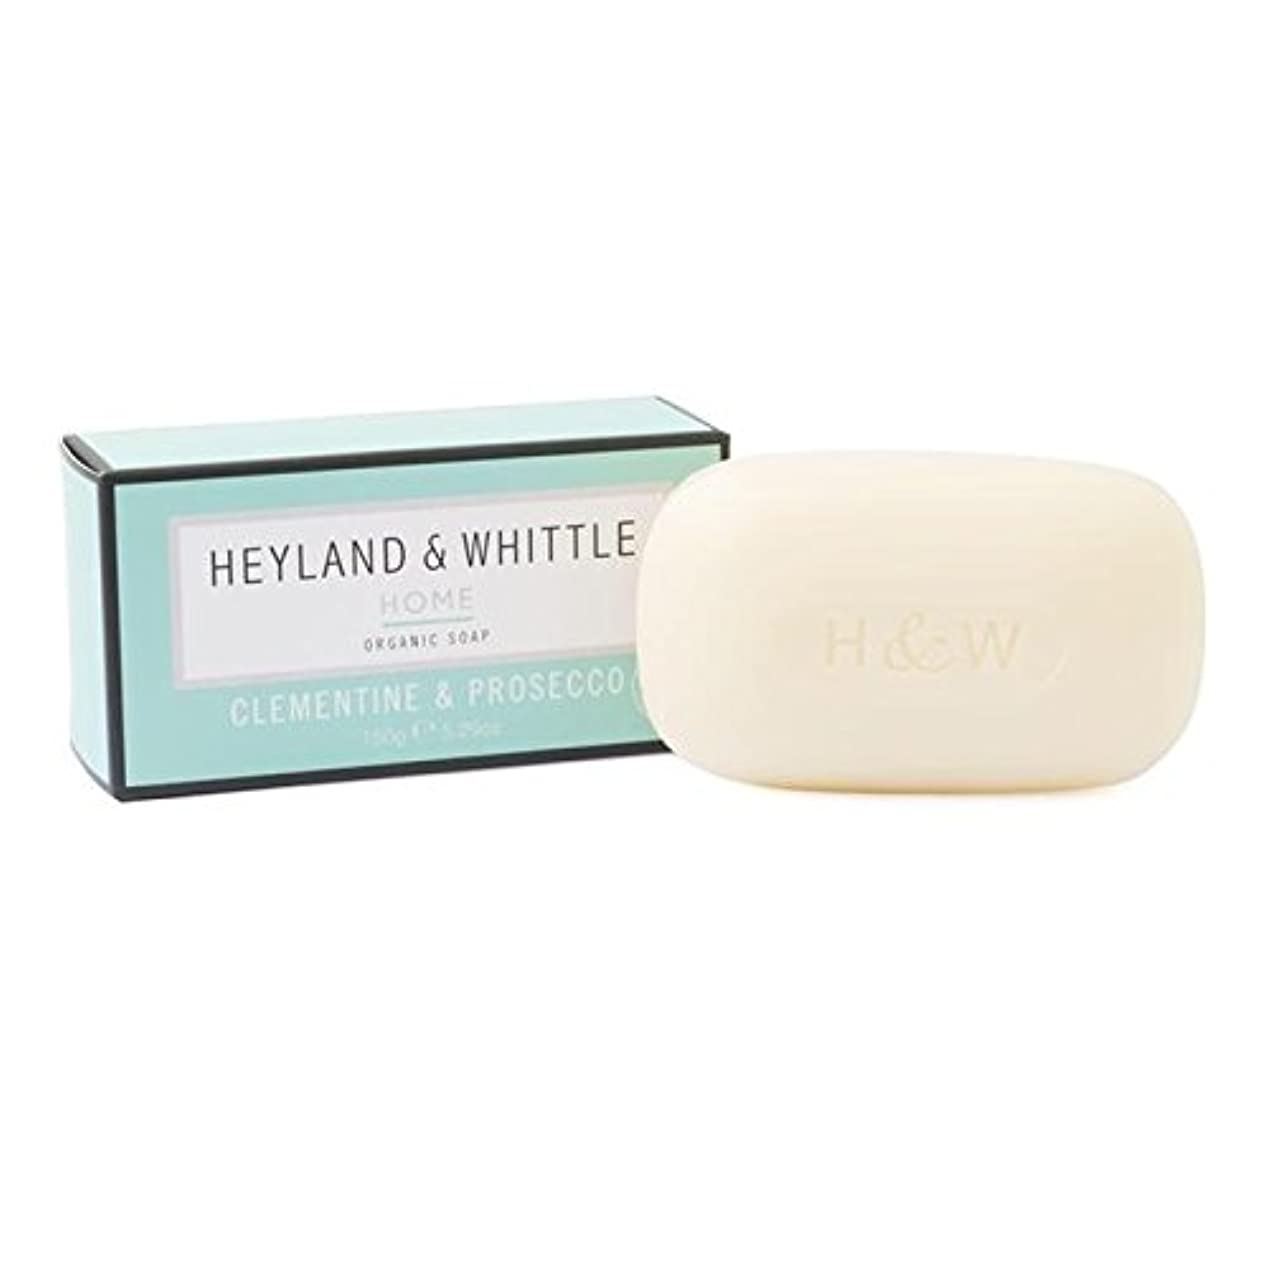 贈り物ハプニングフェロー諸島Heyland & Whittle Home Clementine & Prosecco Organic Soap 150g (Pack of 6) - &削るホームクレメンタイン&プロセッコ有機石鹸150グラム x6...